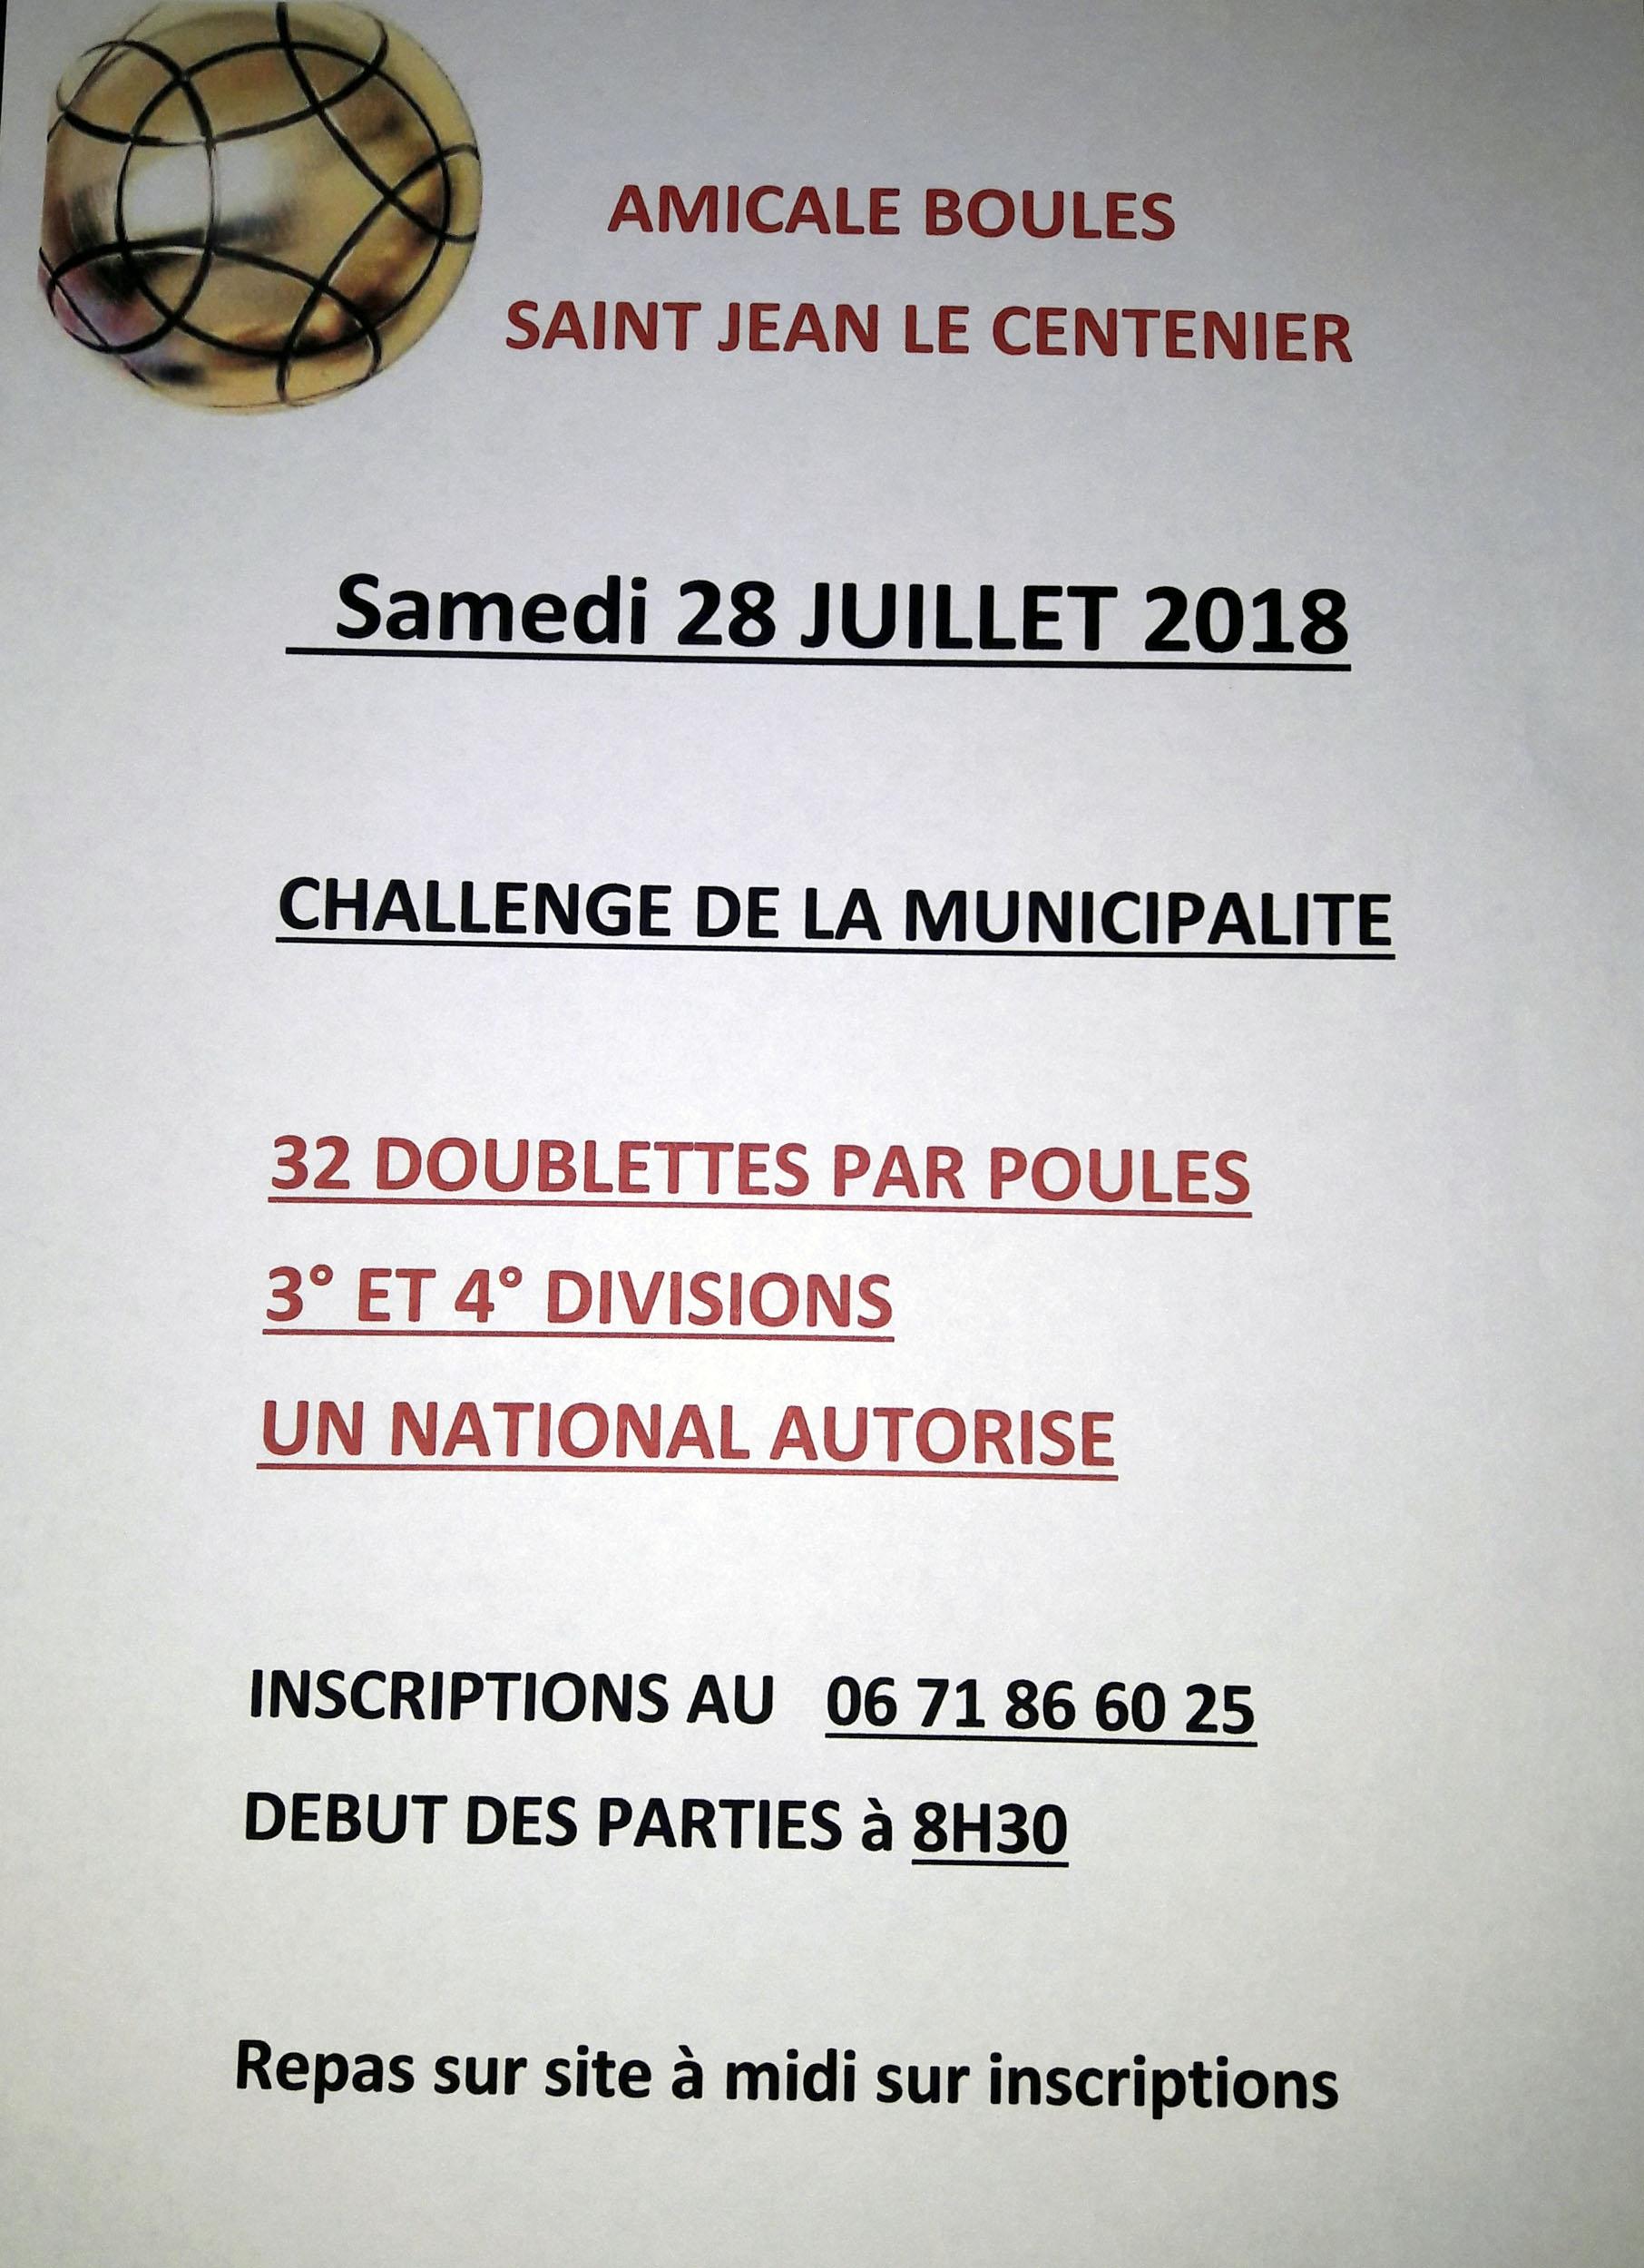 Inscrivez-vous à Saint Jean le Centenier